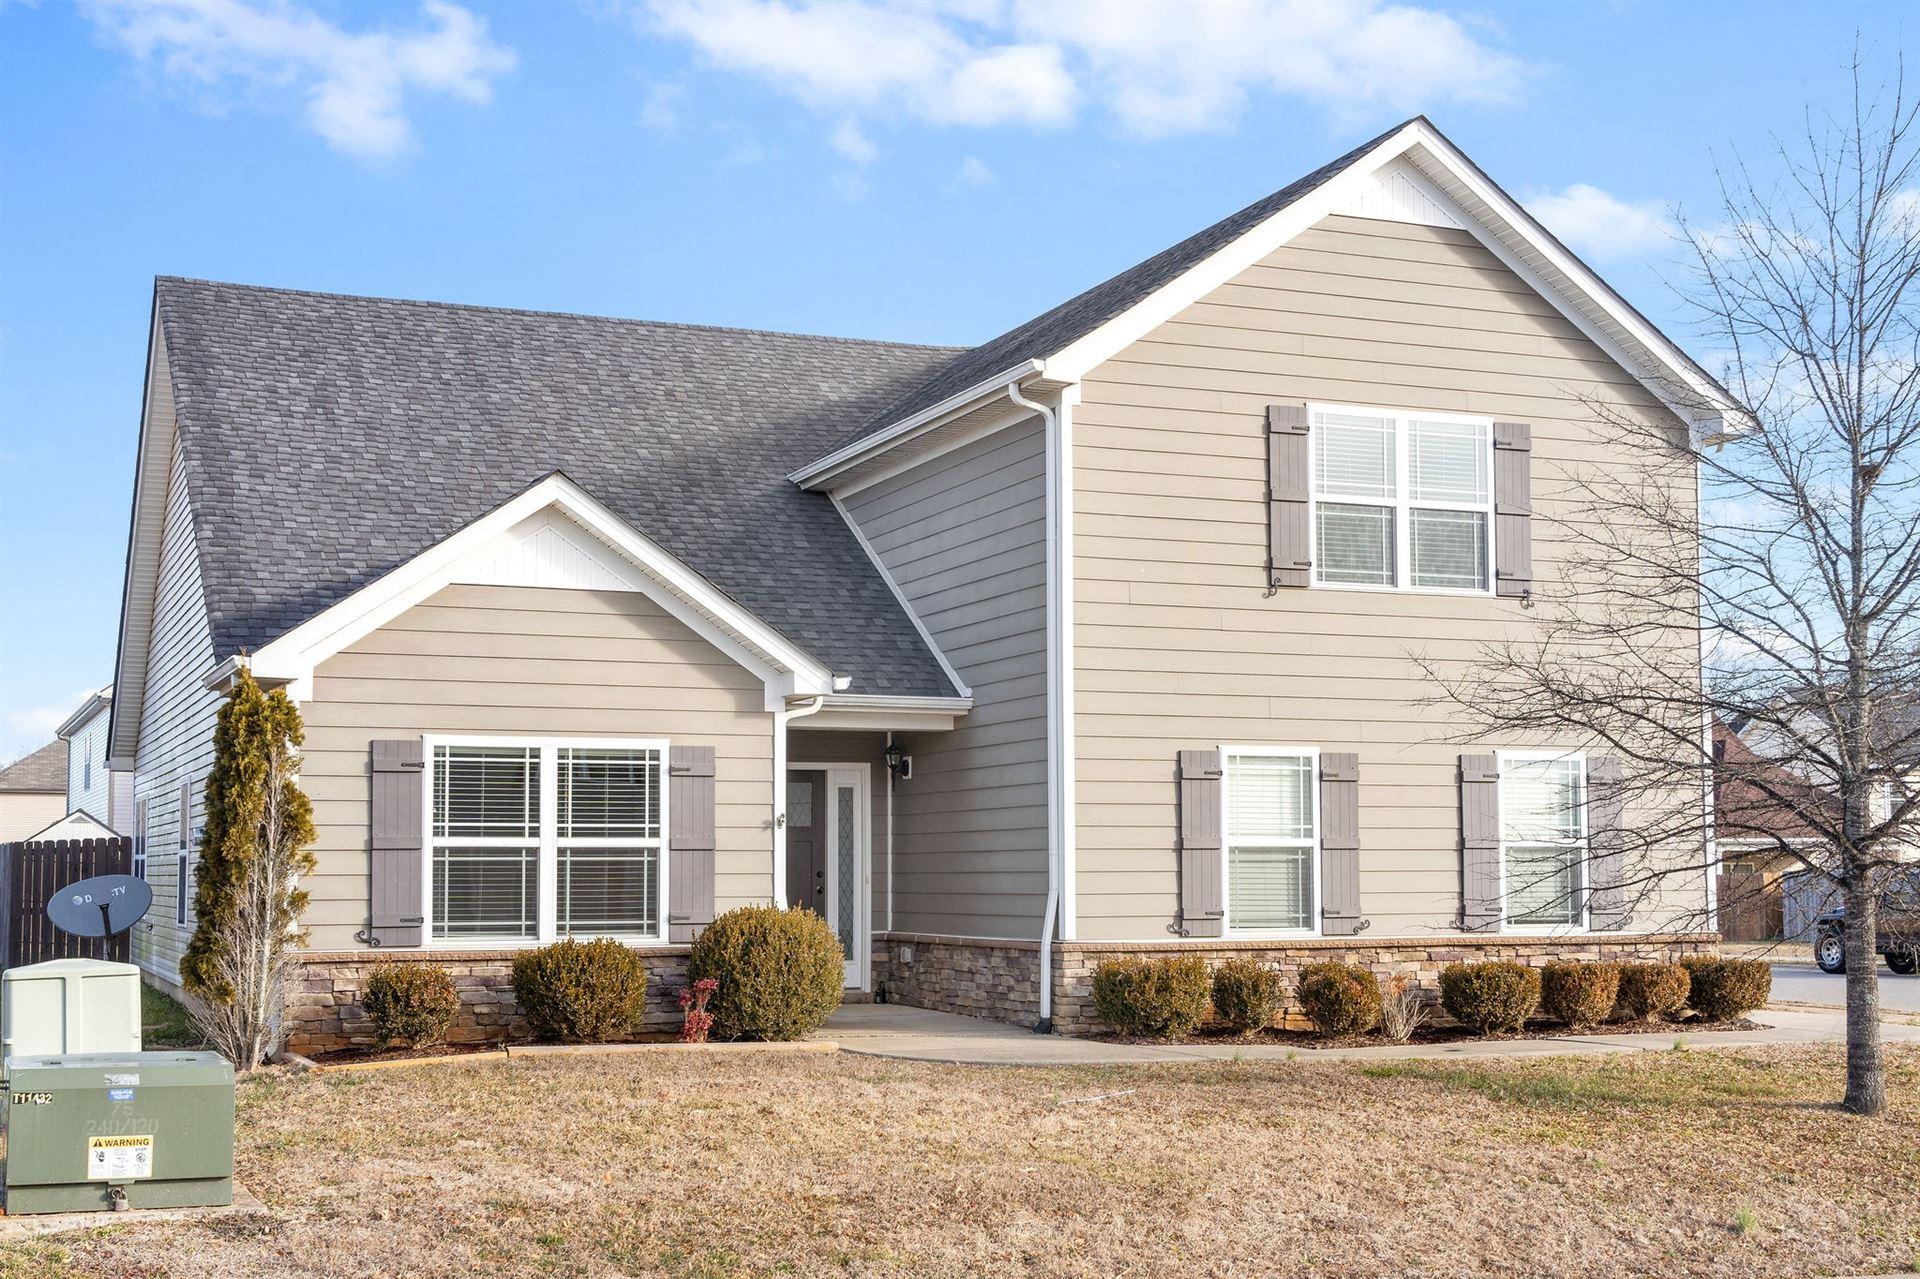 3544 Spring House Trl, Clarksville, TN 37040 - MLS#: 2223271